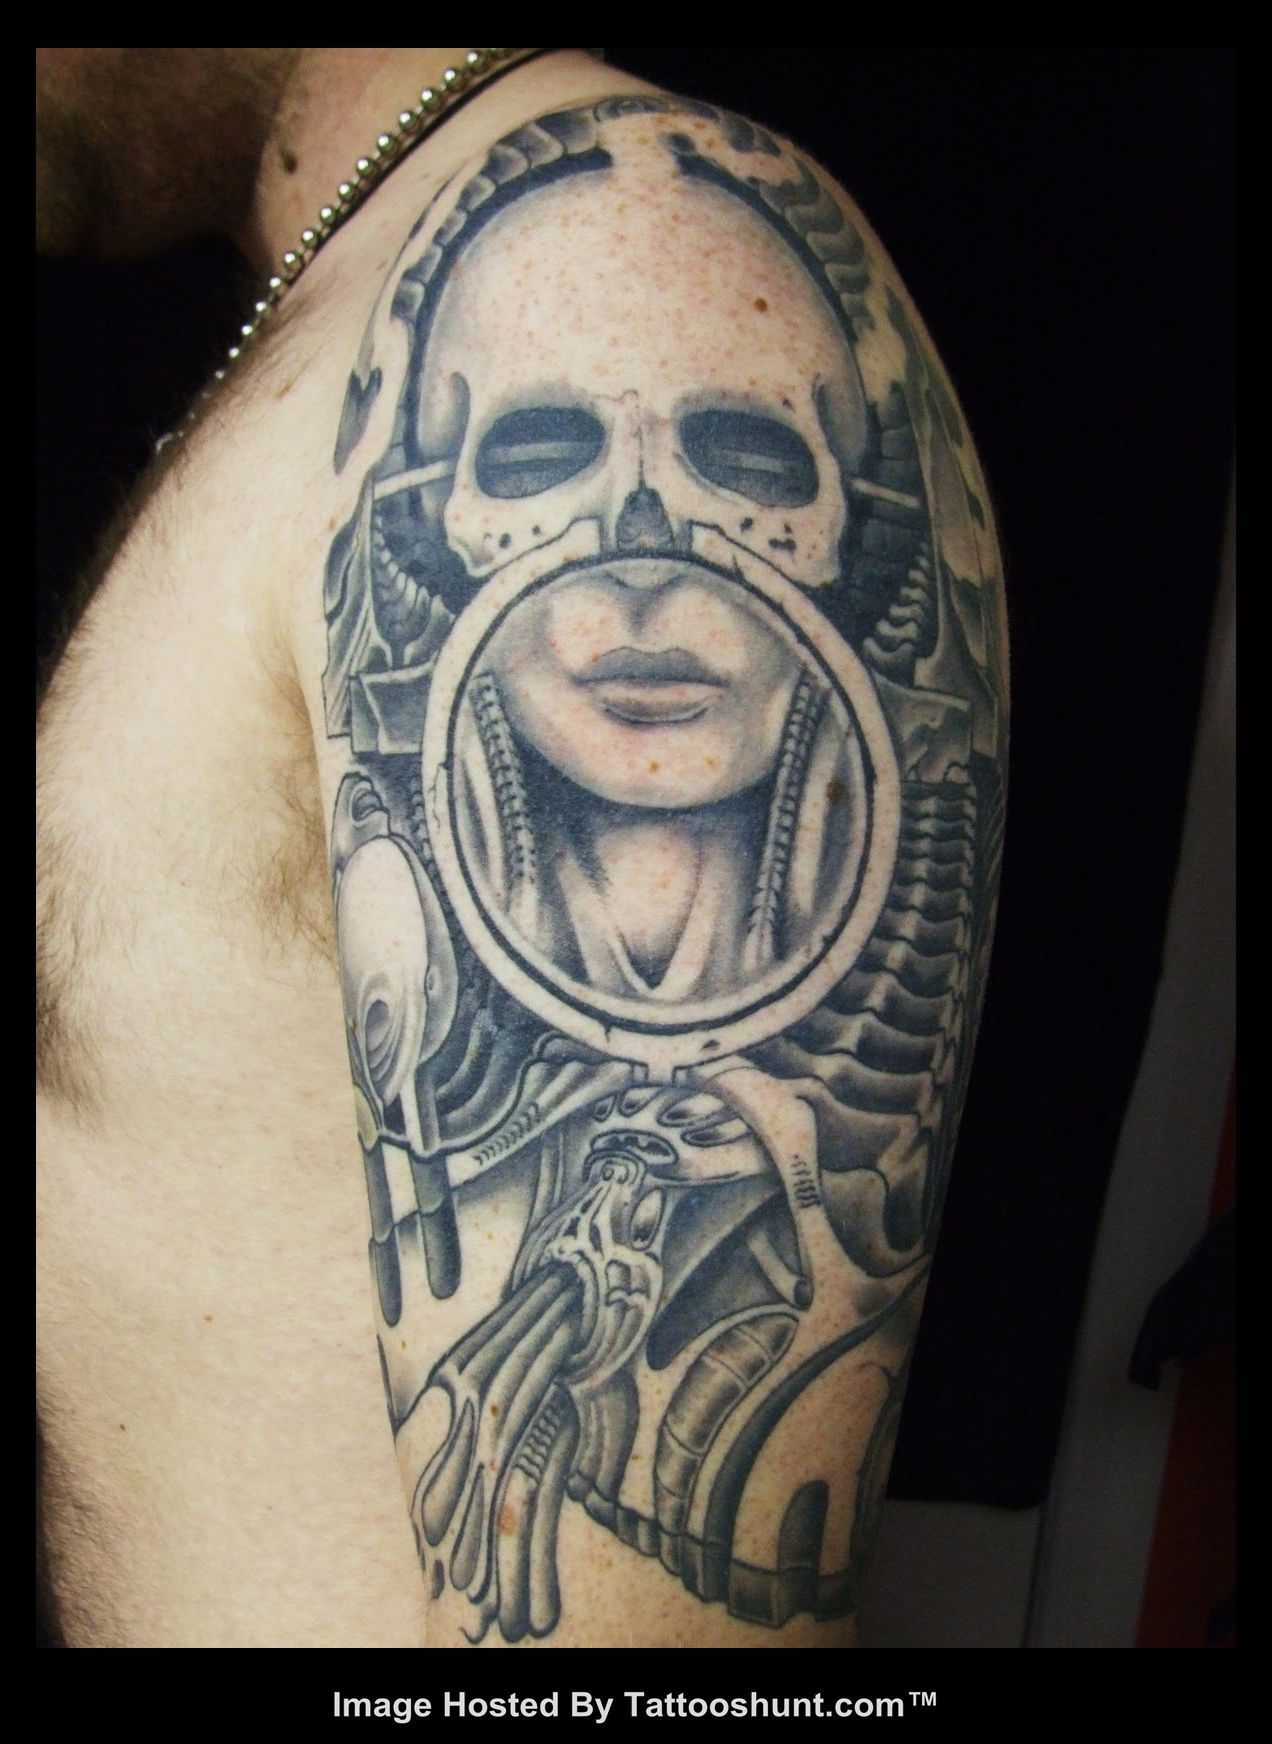 Hr giger tattoo designs - Tattoo